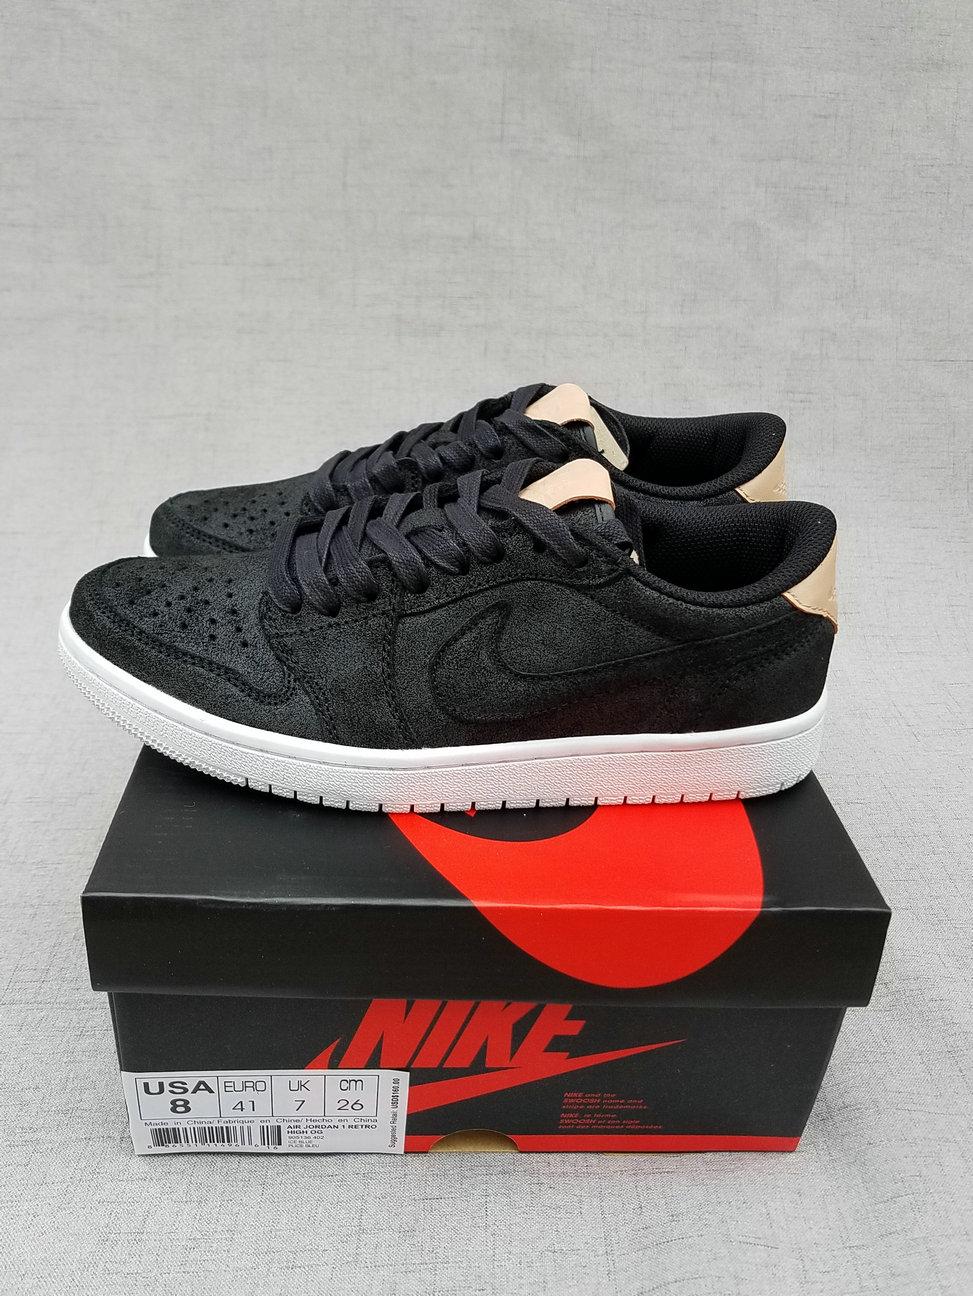 New Air Jordan 1 Low Black Brown Shoes